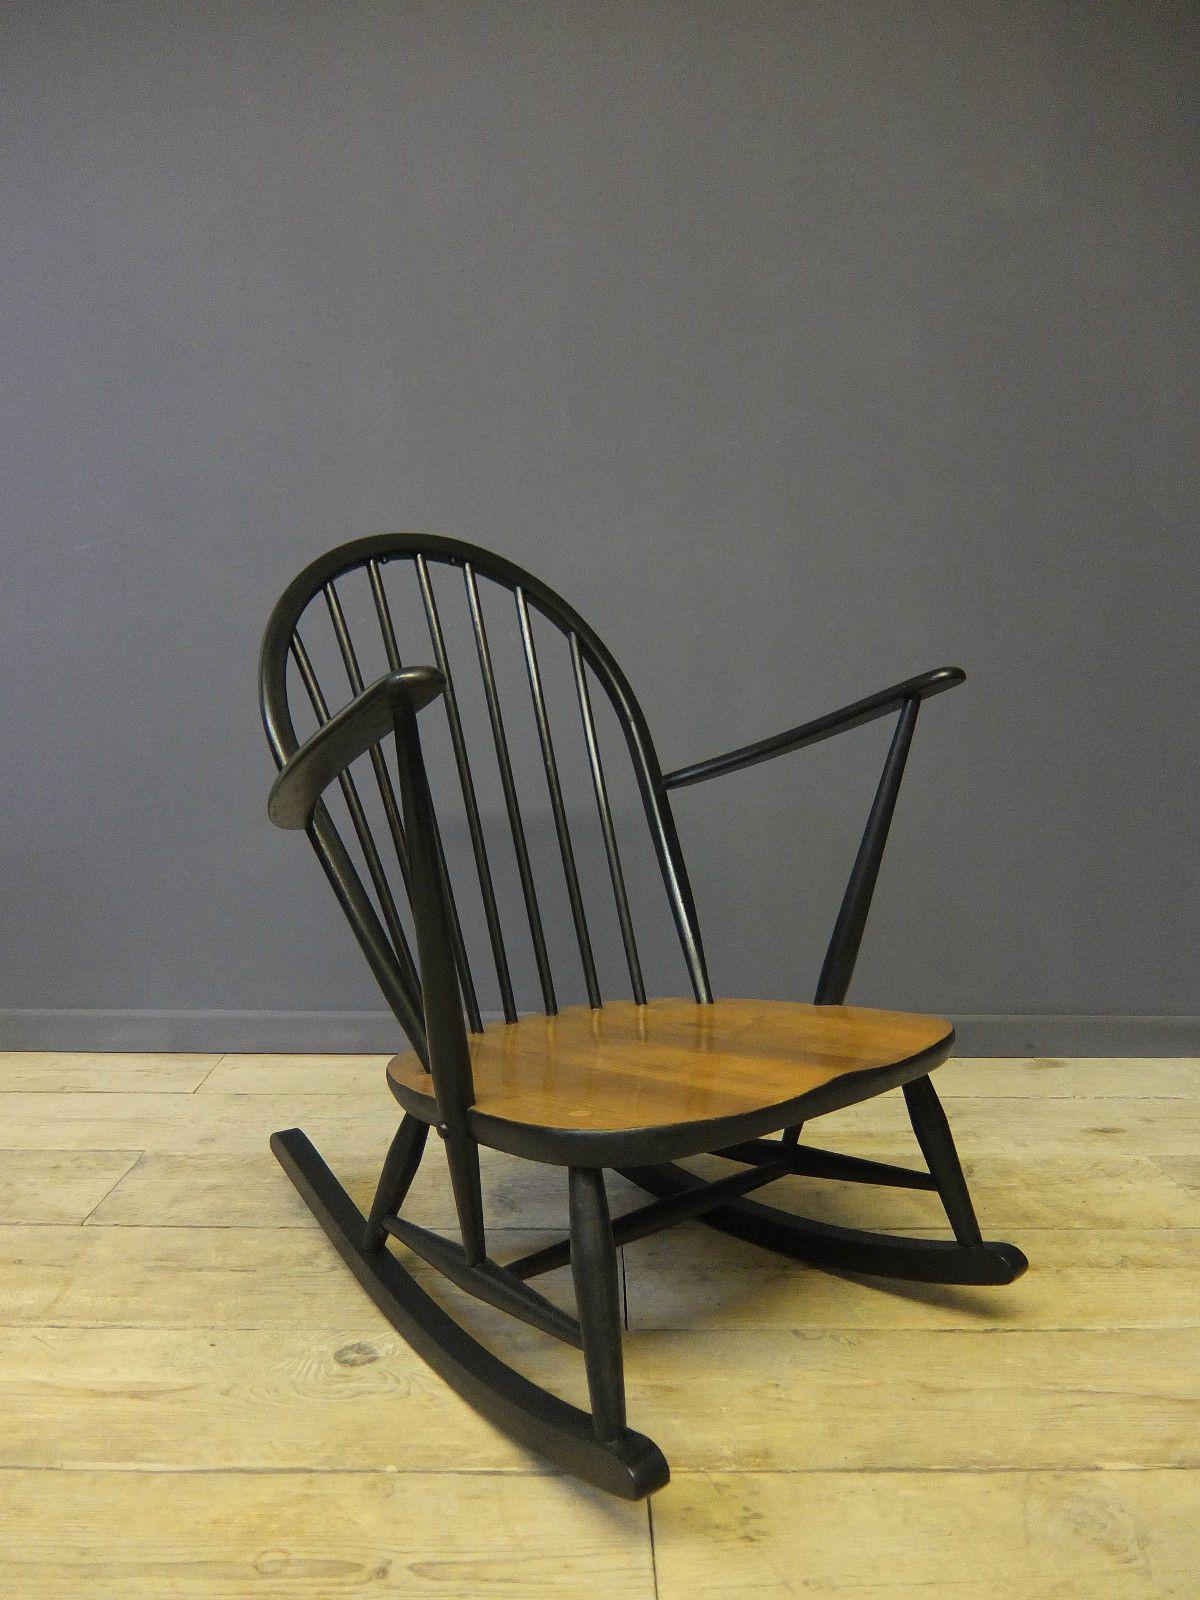 century mr made designer and retro rocking furniture wanscher shop modern chair nz bigglesworthy vintage mid mrb ole